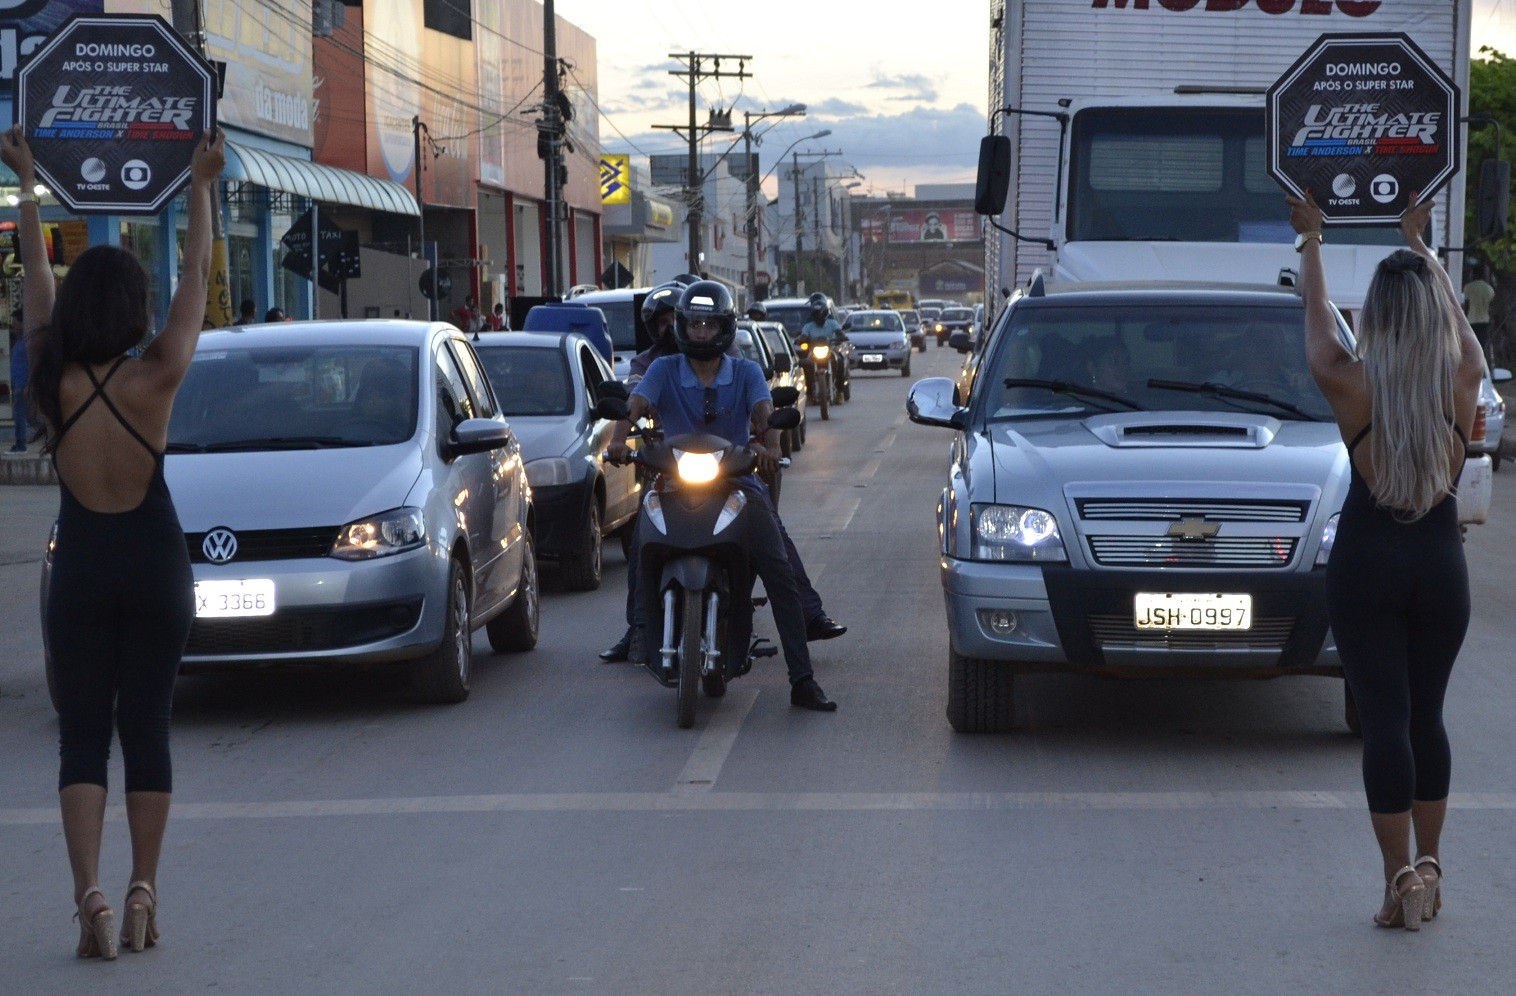 No sinal parado, as promotoras entravam em ação (Foto: Divulgação)